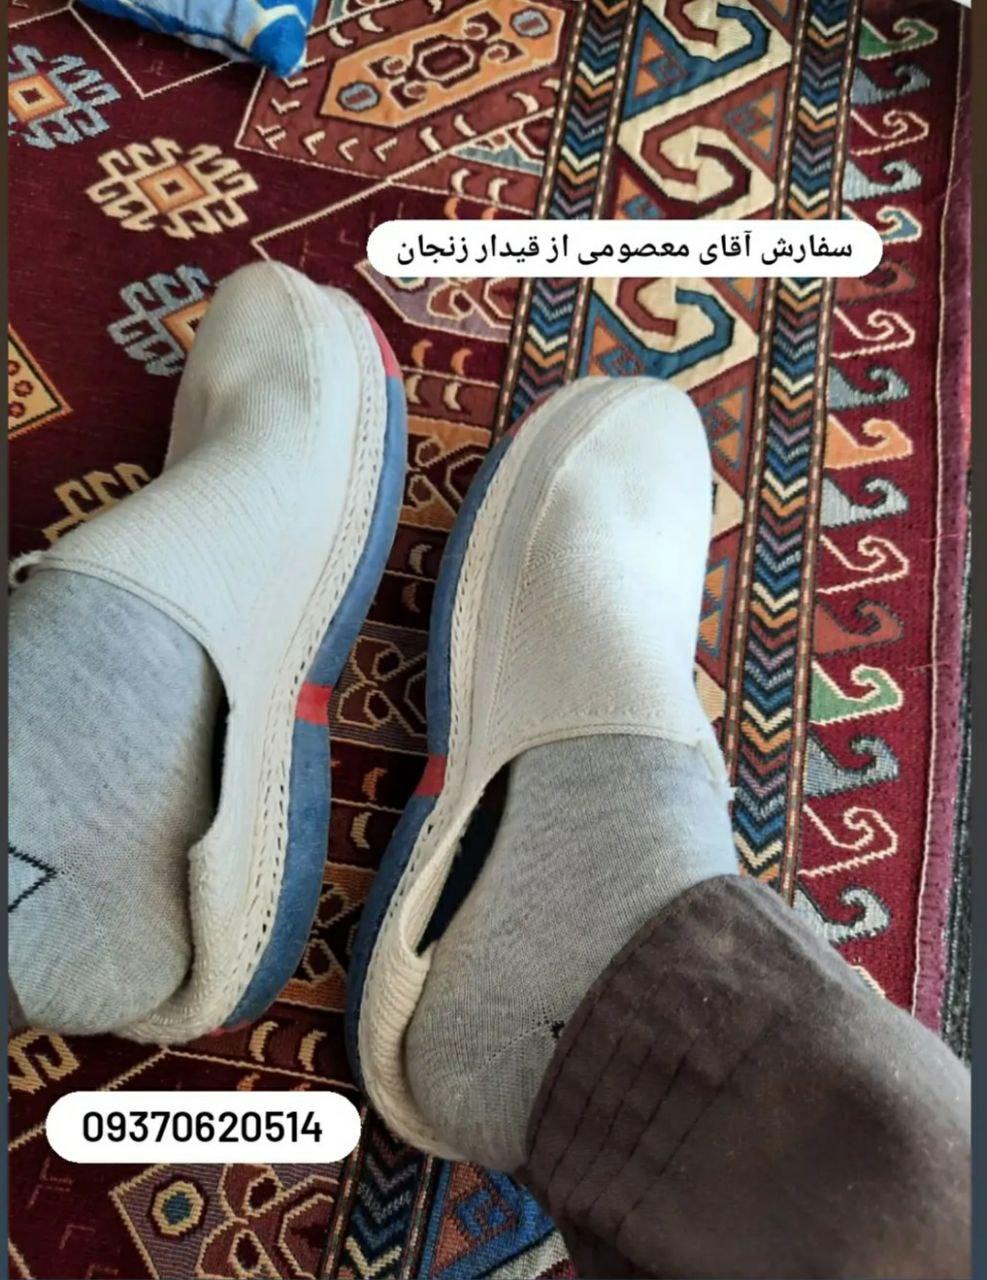 گیوه کلاش طبی سفید . سفارش آقای معصومی از قیدار . زنجان